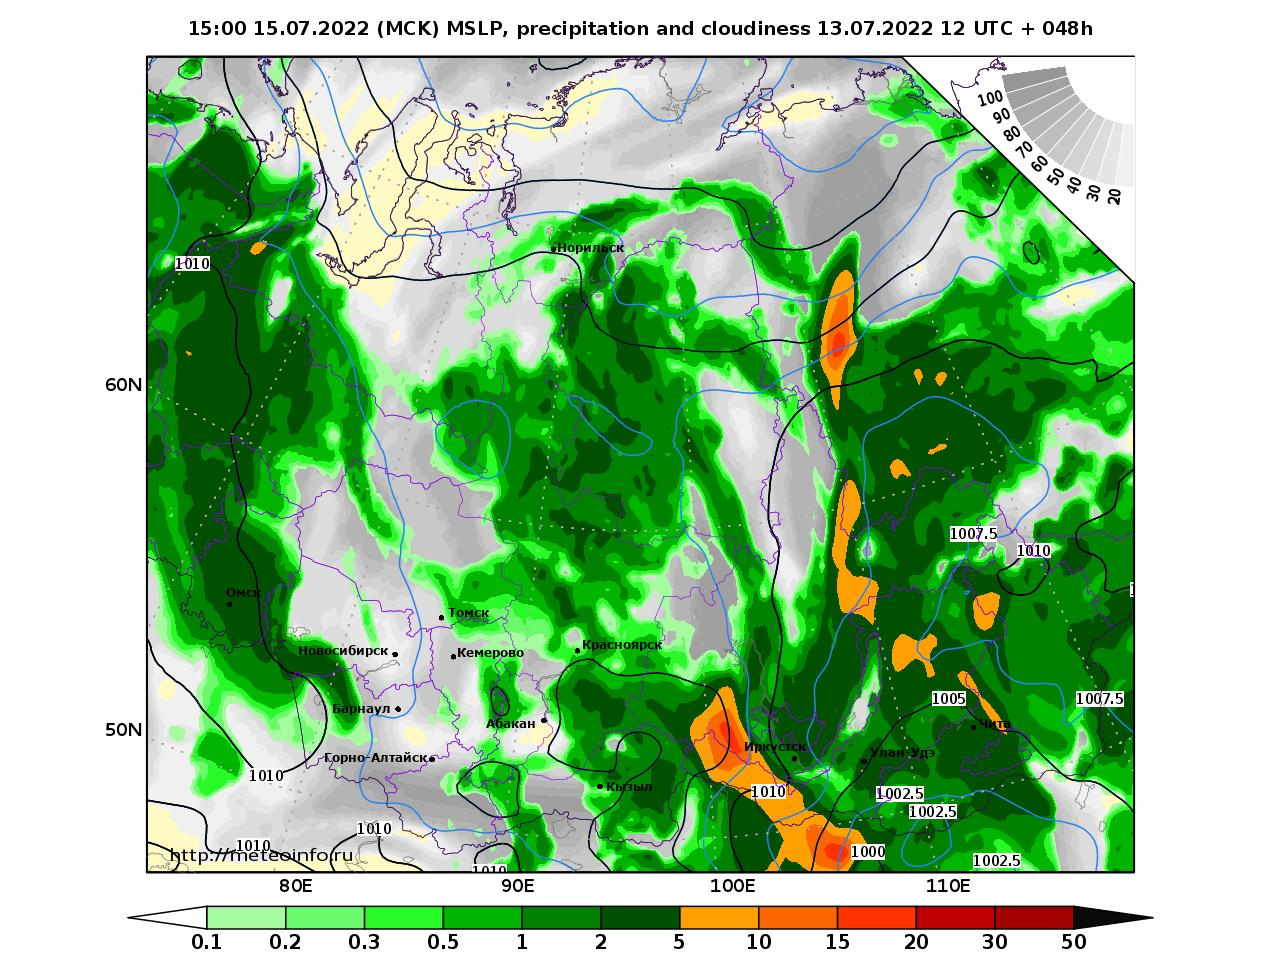 Сибирский Федеральный округ, прогностическая карта осадки и давление, заблаговременность прогноза 48 часов